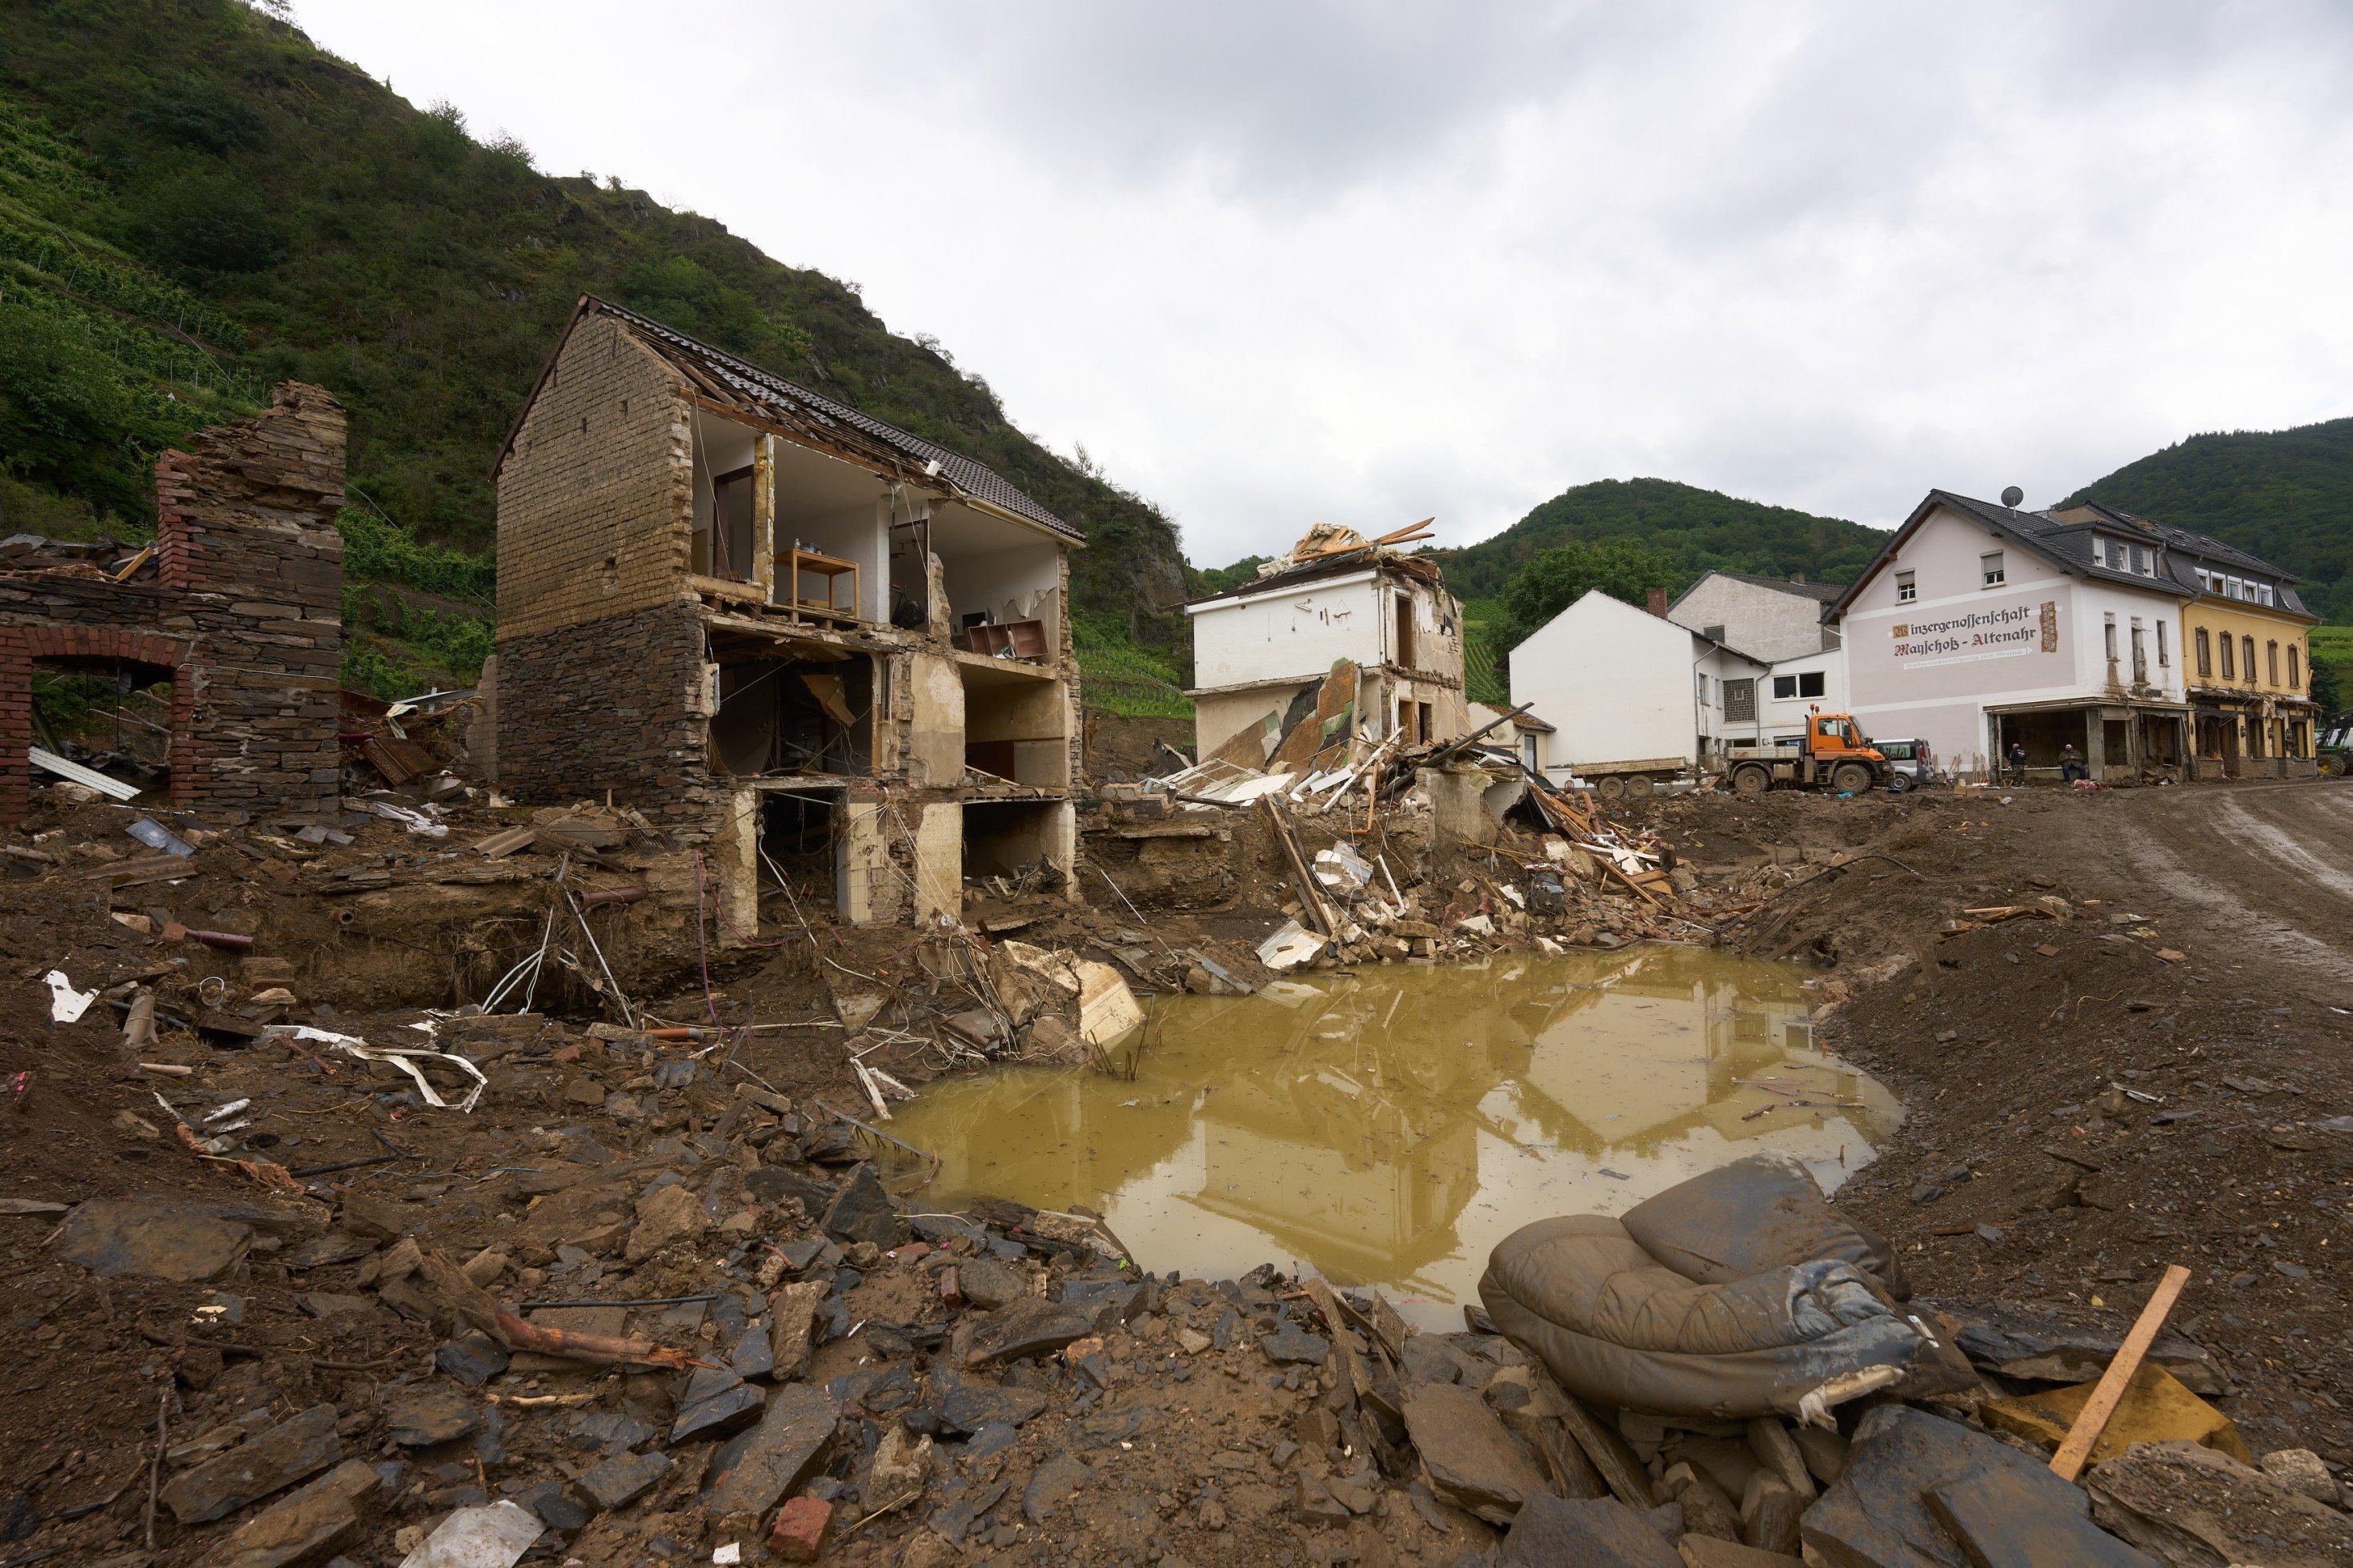 Haus, dessen Vorderfront vom Hochwassers zerstört wurde, im Vordergrund eine kraterförmige Pfutze, gefüllt mit Wasser